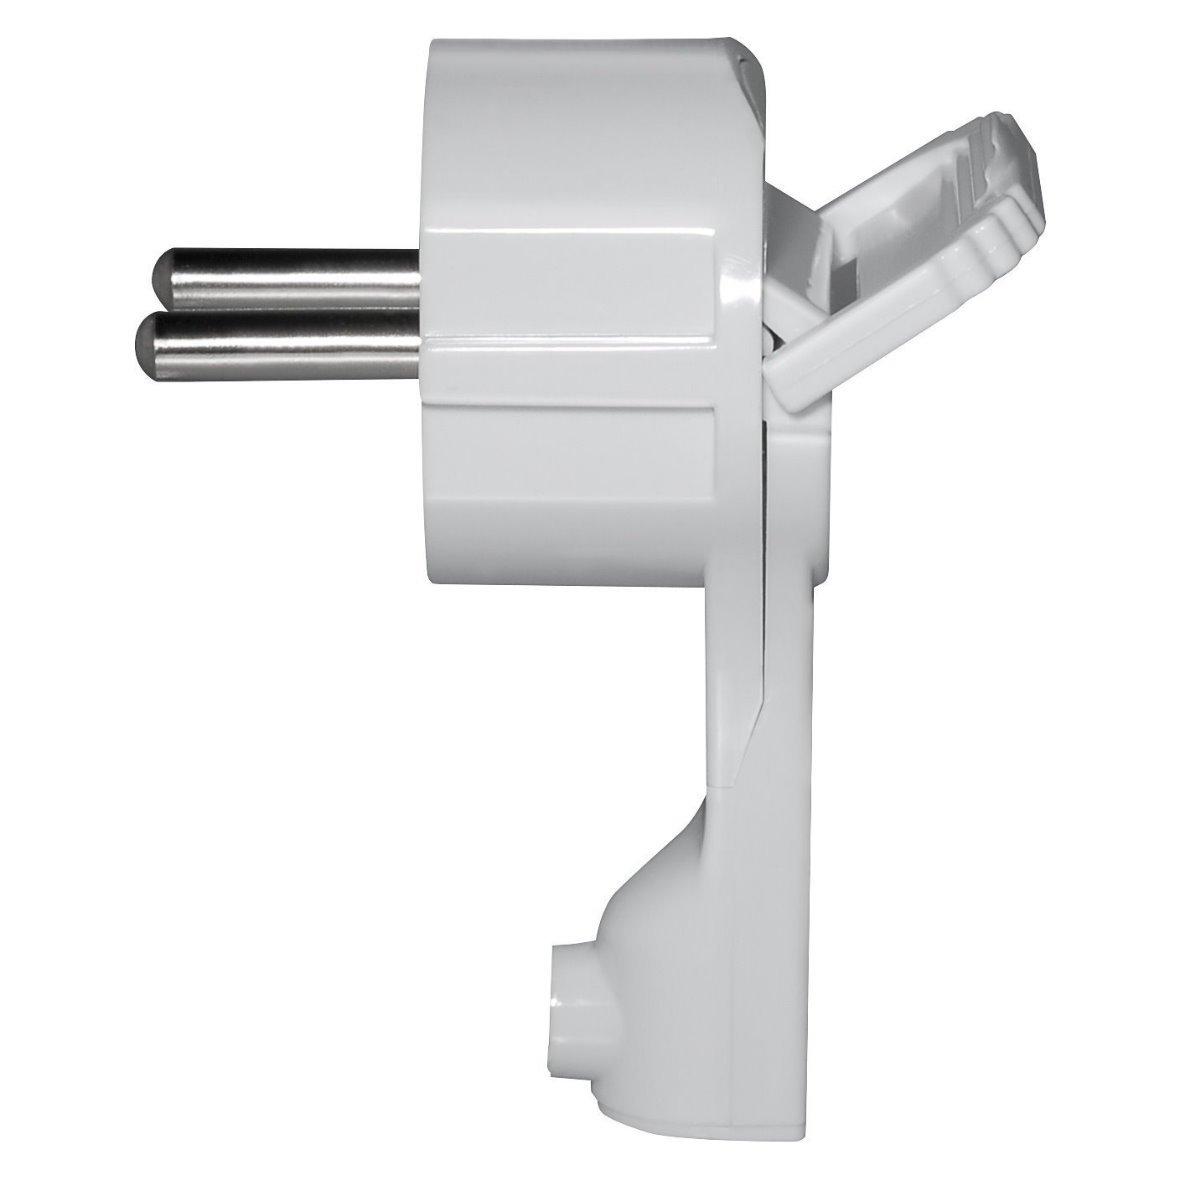 Superslim Contact de protection coud/é/ /Extra plat 8/mm/ /250/V 16/A/ /Avec poign/ée pliable et protection antitorsion/ /pour c/âble jusqu/à 3/x 1,